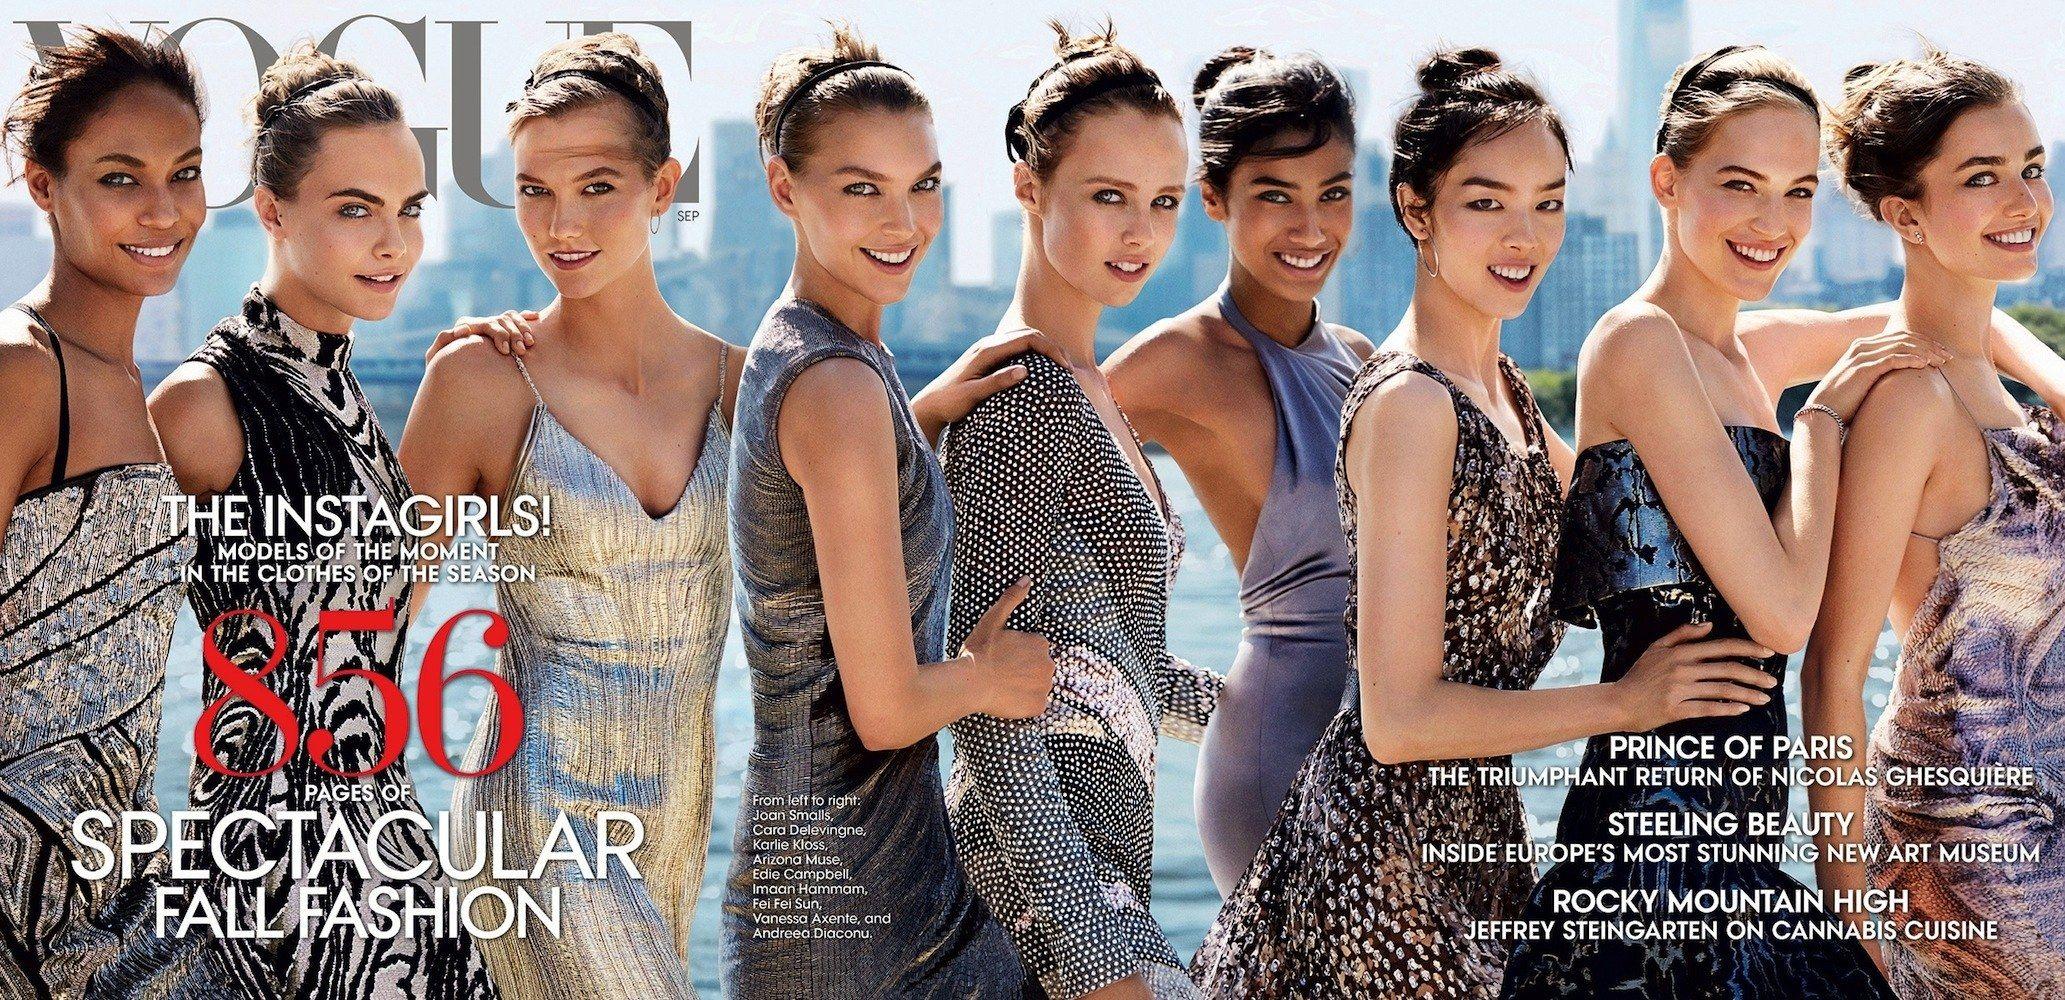 Cara Delevingne Vogue September 2014